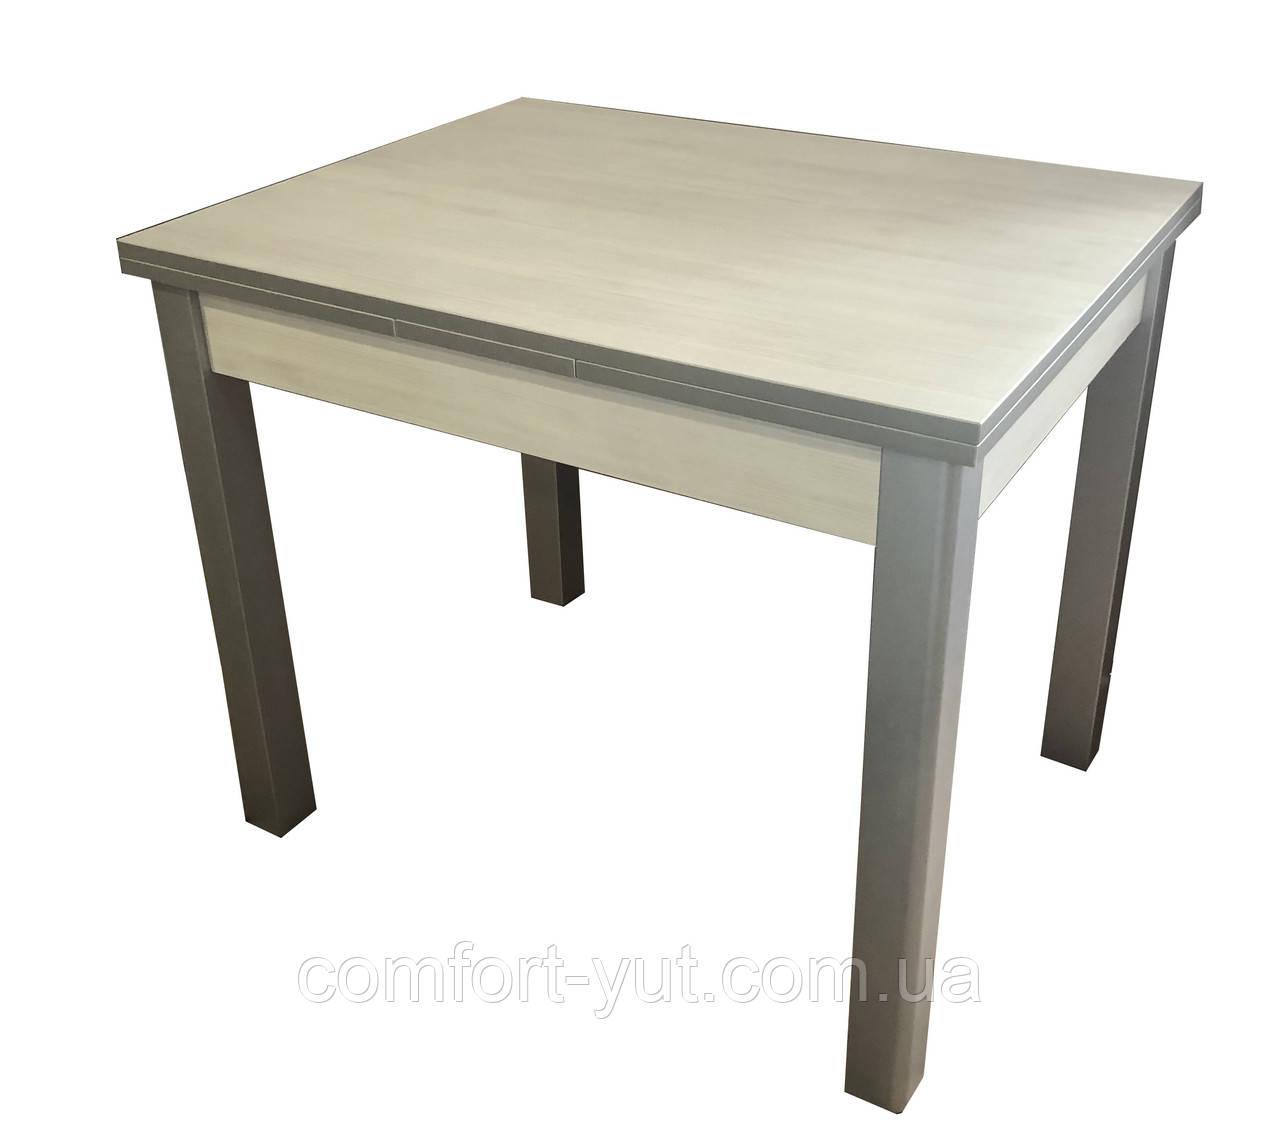 Стол обеденный Марсель 90(+35+35)*70  серый - Белое дерево